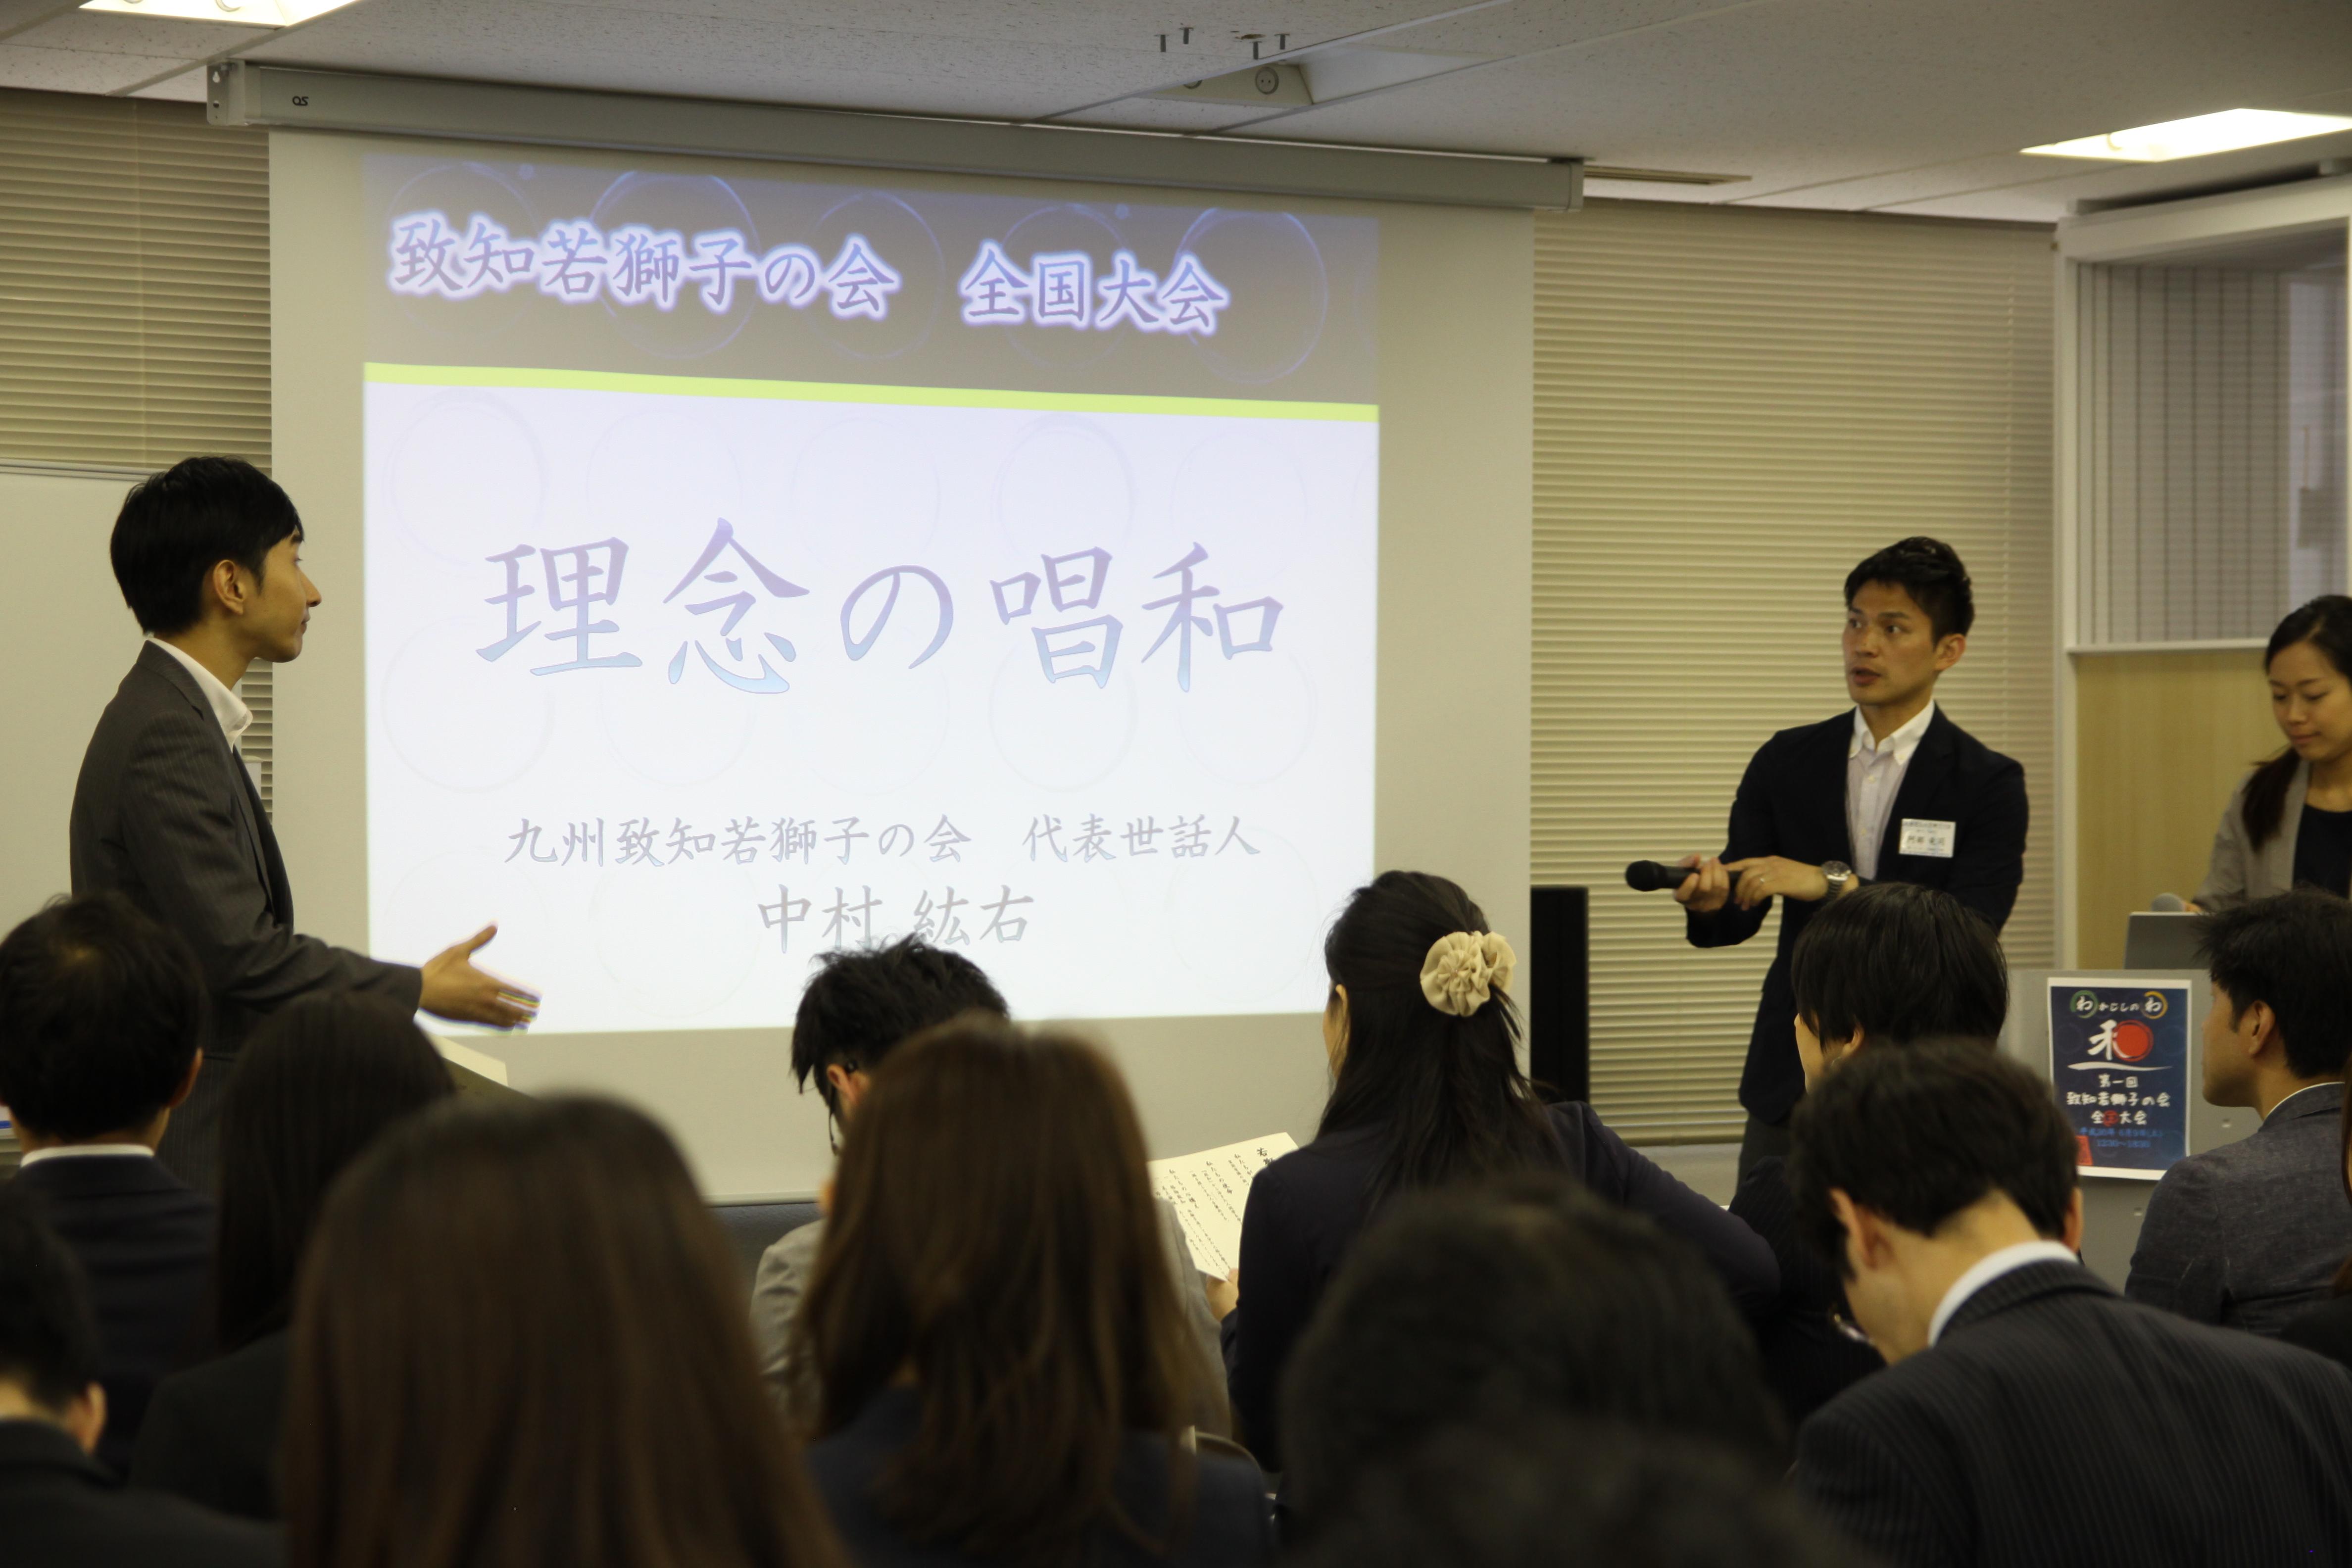 IMG 4604 - 関東若獅子の会、記念すべき第100回